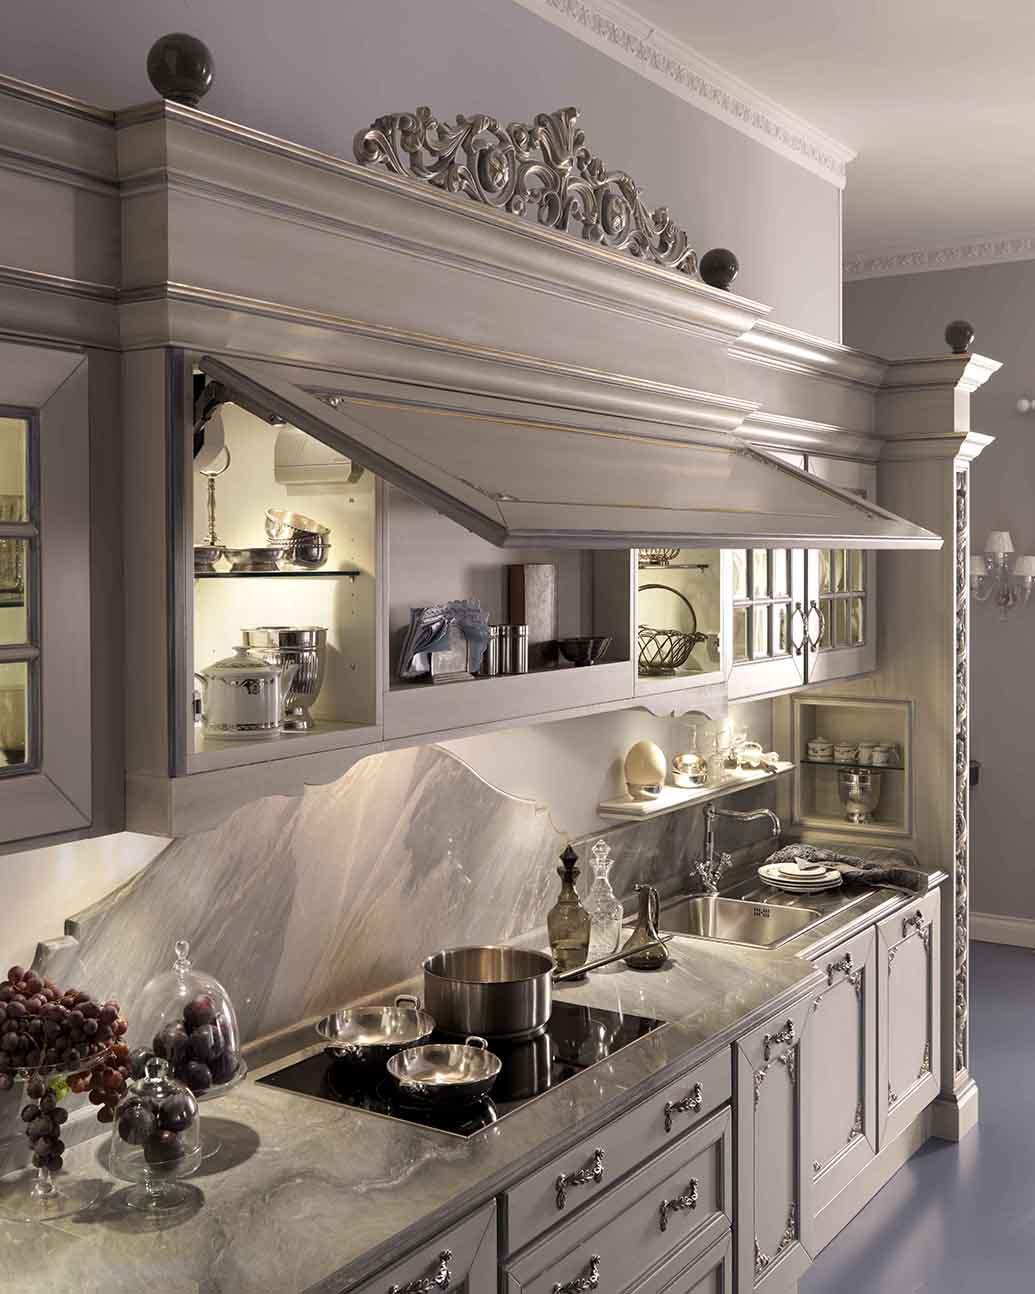 Gruppo Tosco Marmi Savio Firmino kitchen 6